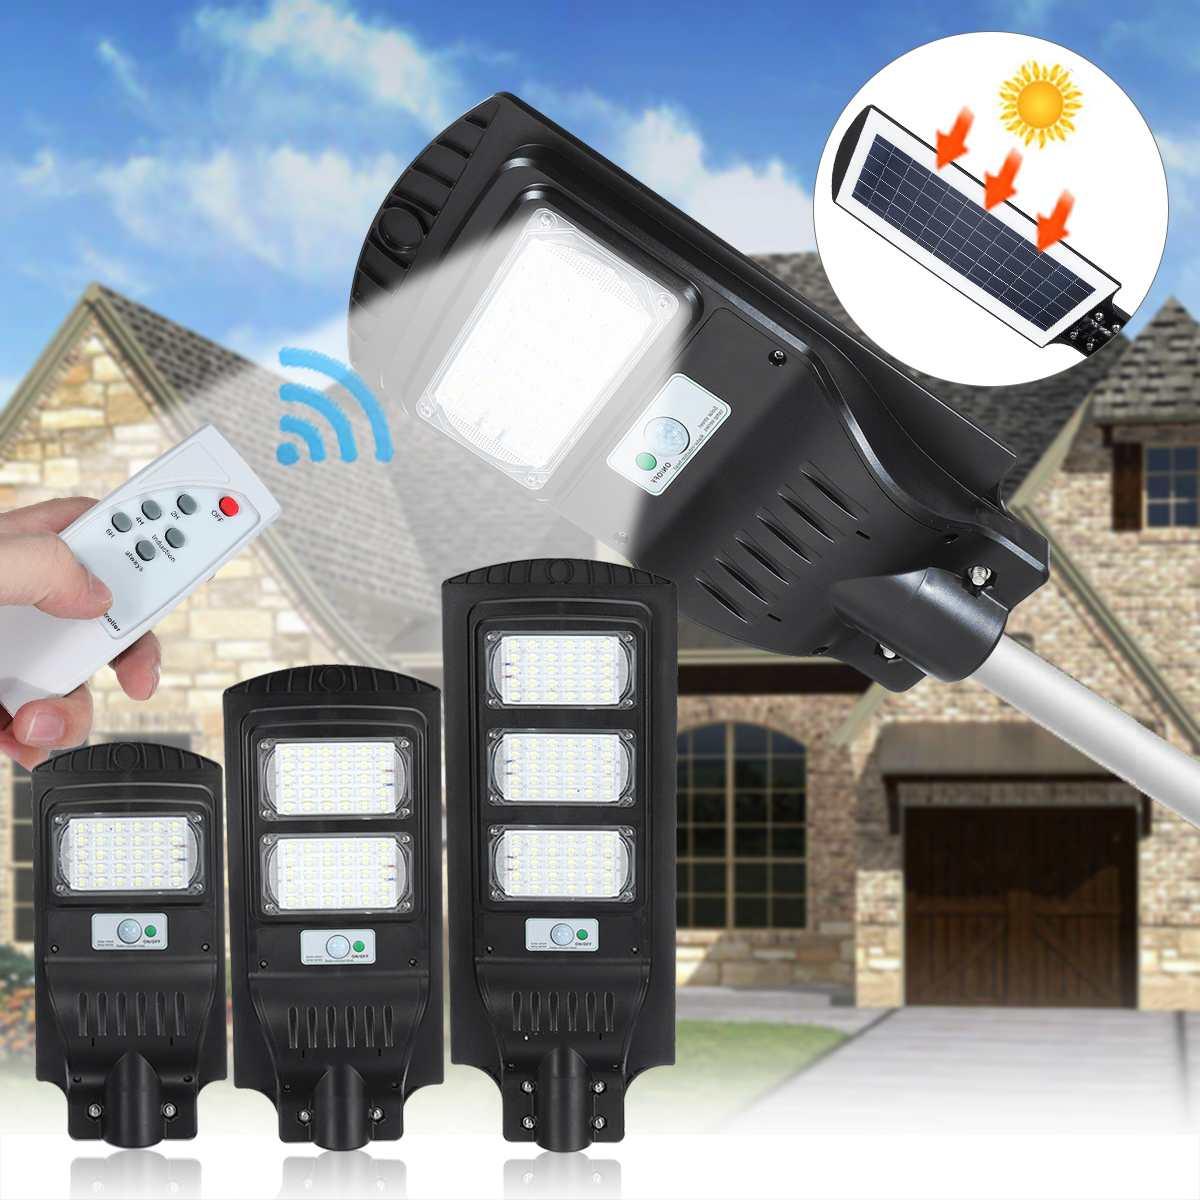 Lámpara de pared de iluminación para exteriores IP67 de 120W y 90 farola Solar LED, lámpara de inducción humana PIR + Radar de luz de movimiento para patio de jardín